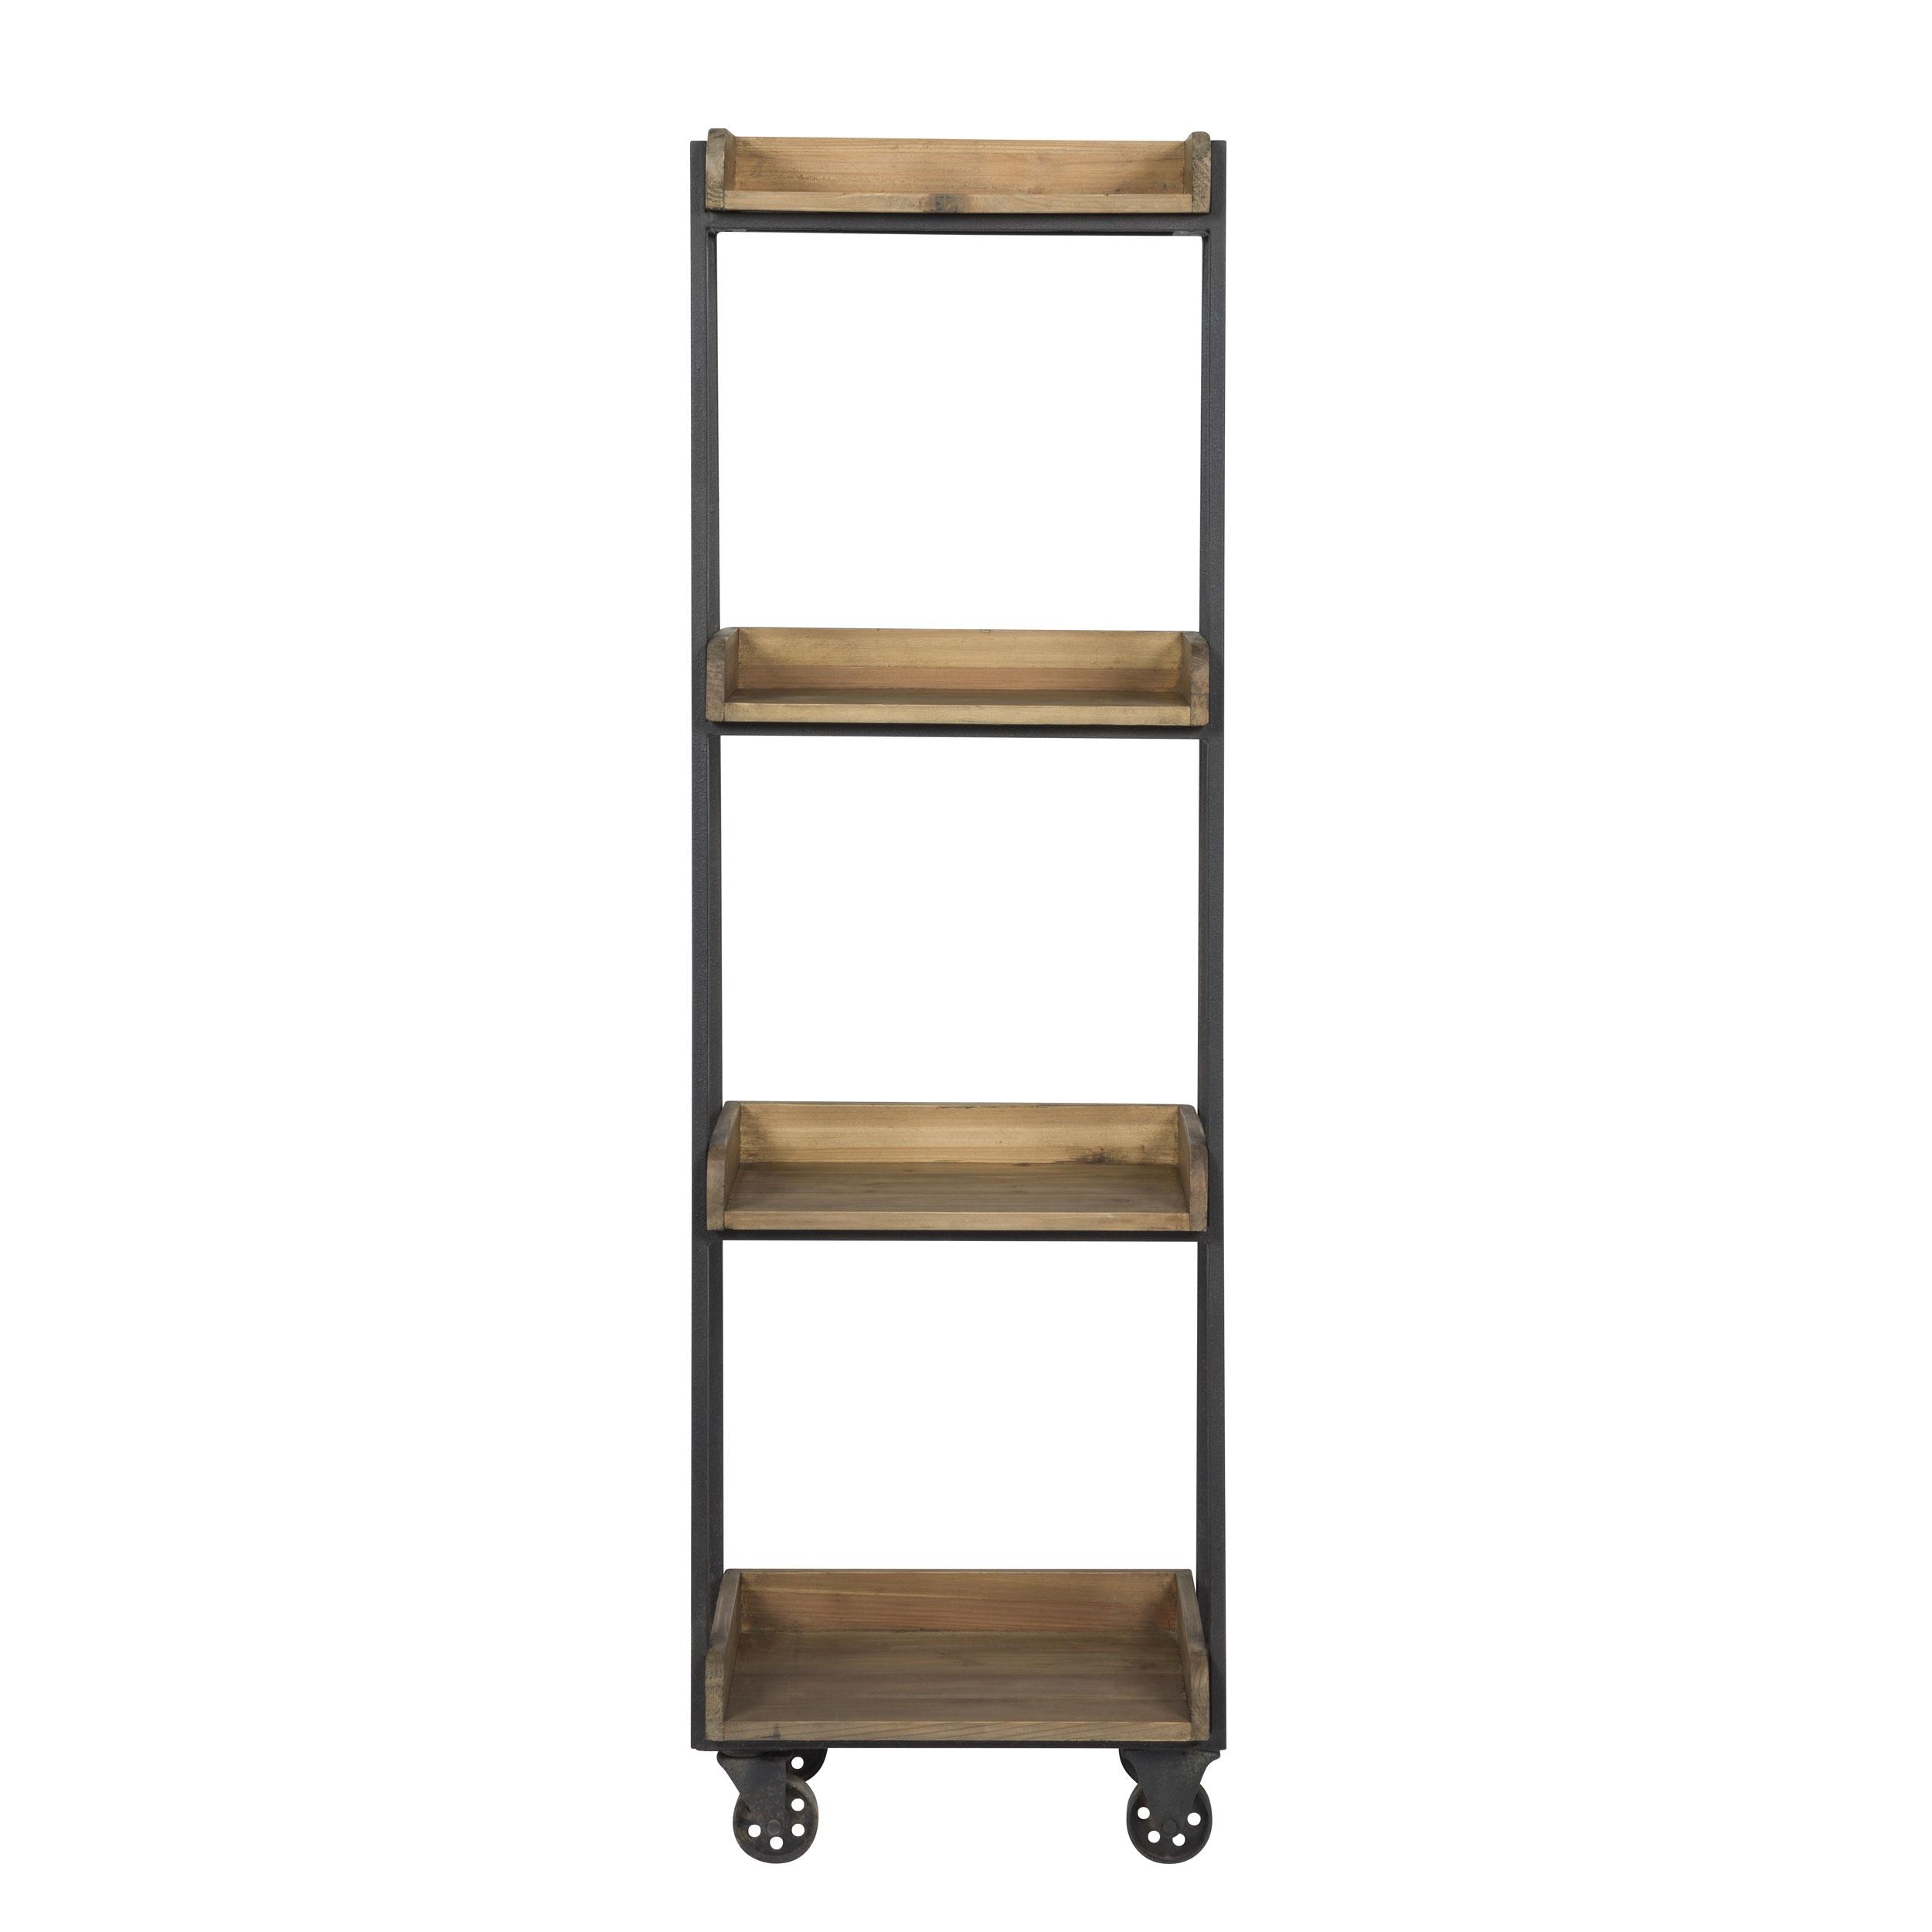 Etagère en bois recyclé et métal 4 étages à roulettes